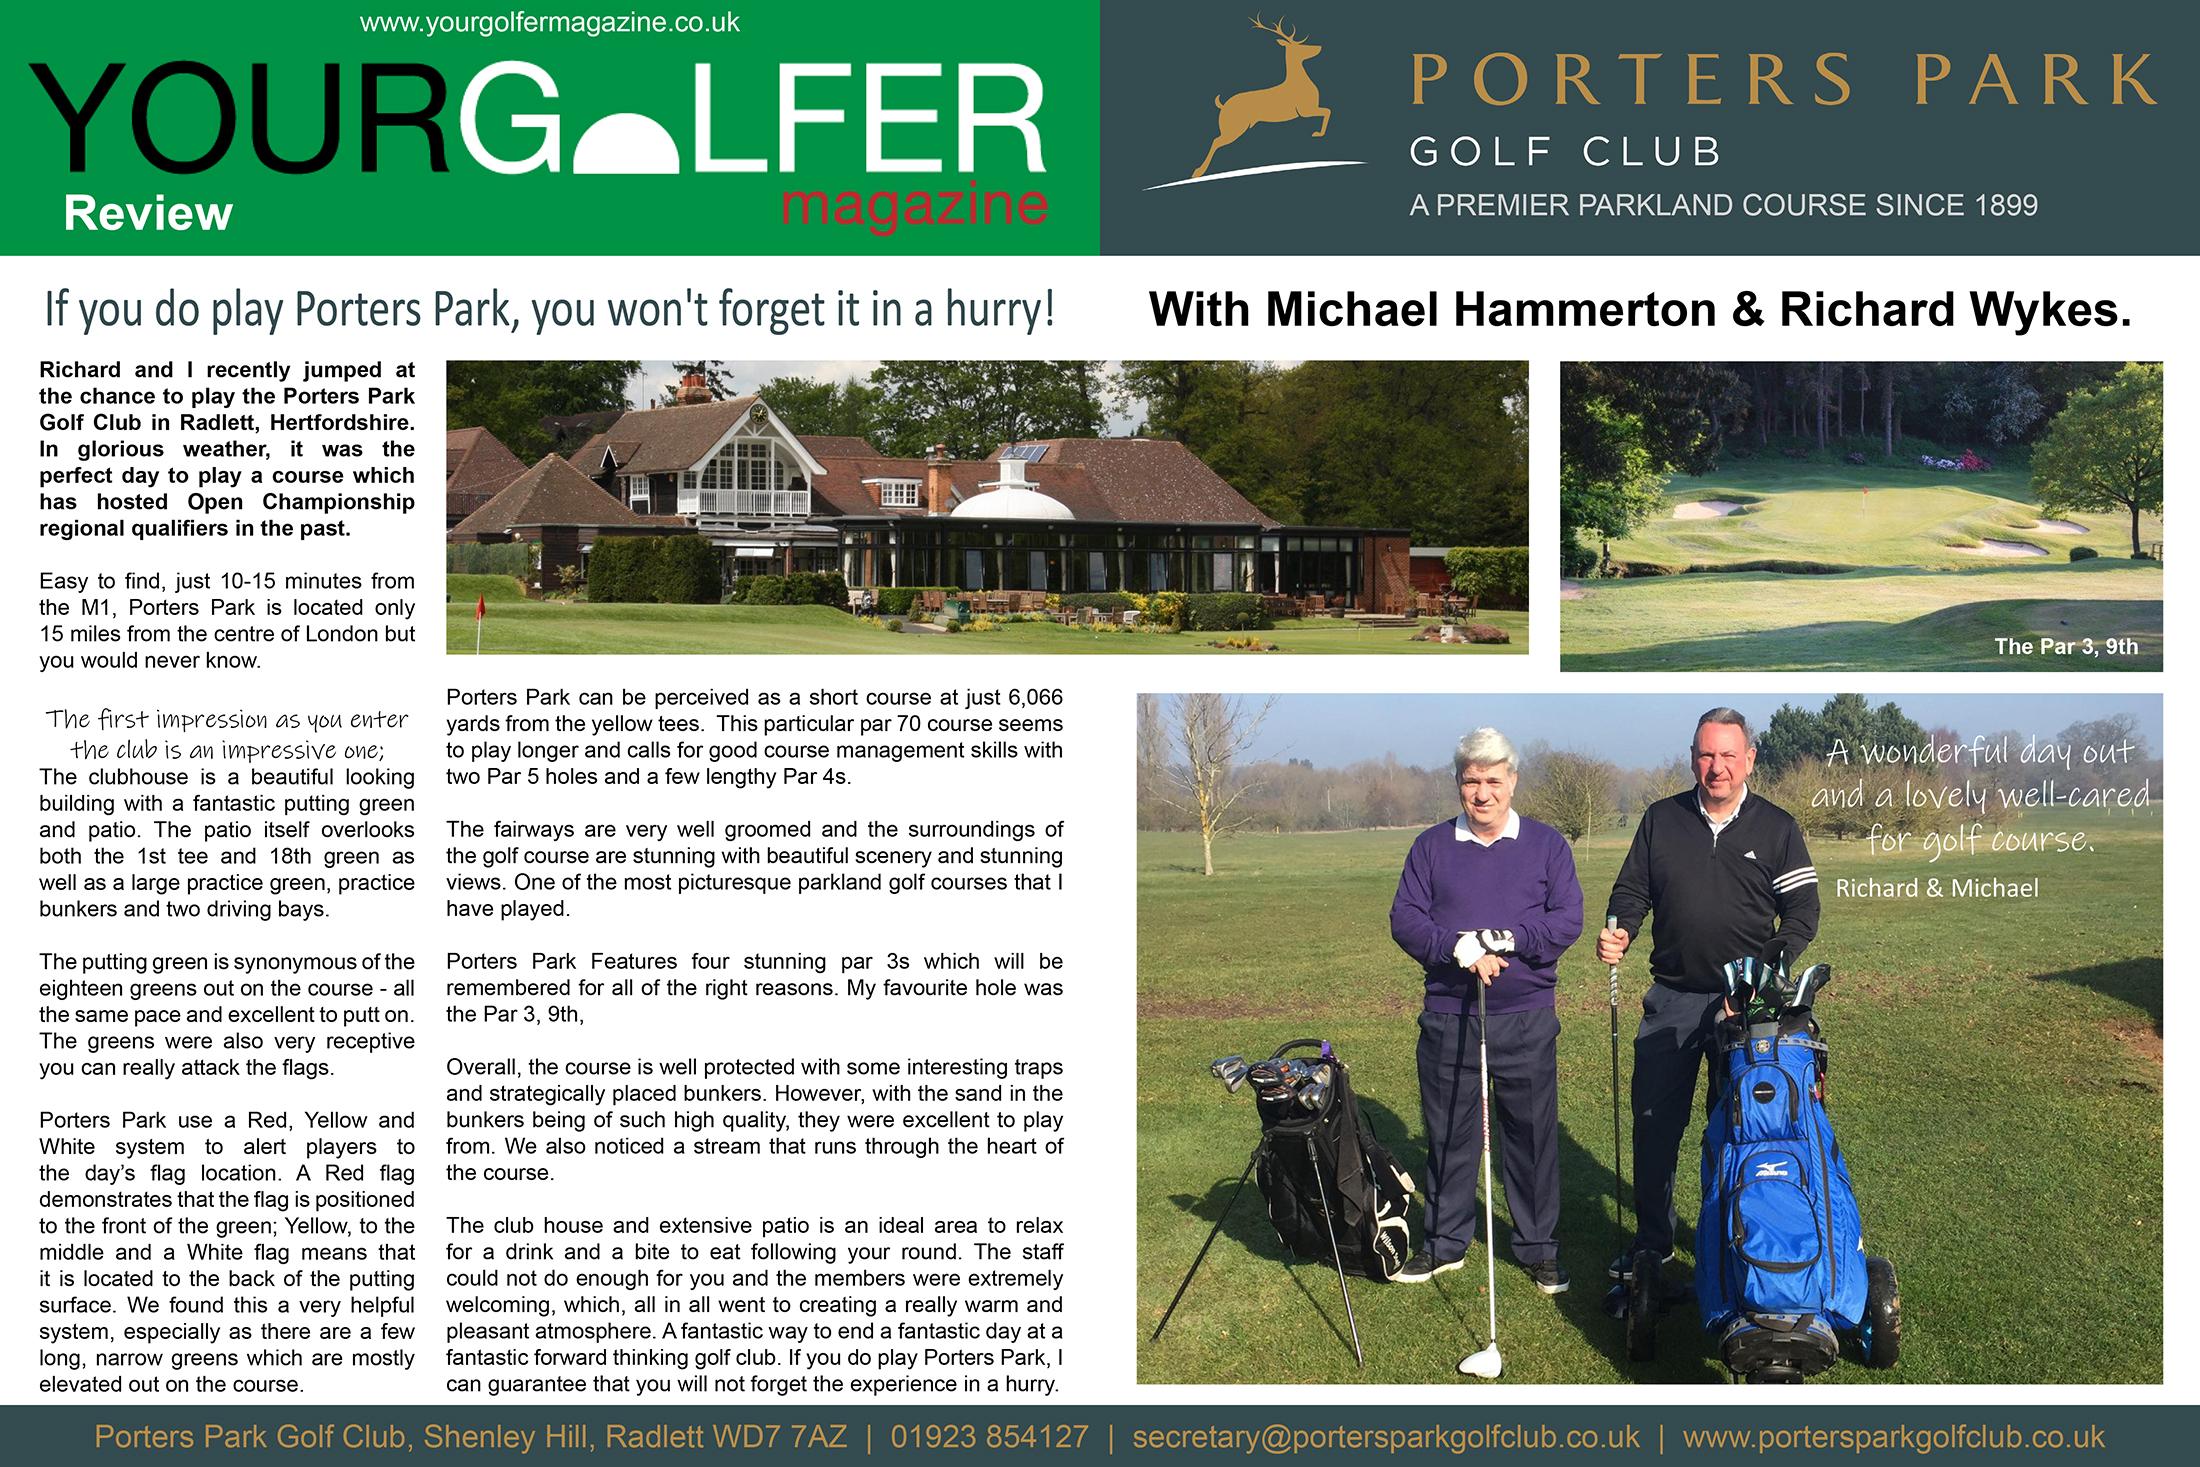 your golfer magazine reviews Porters Park golf club